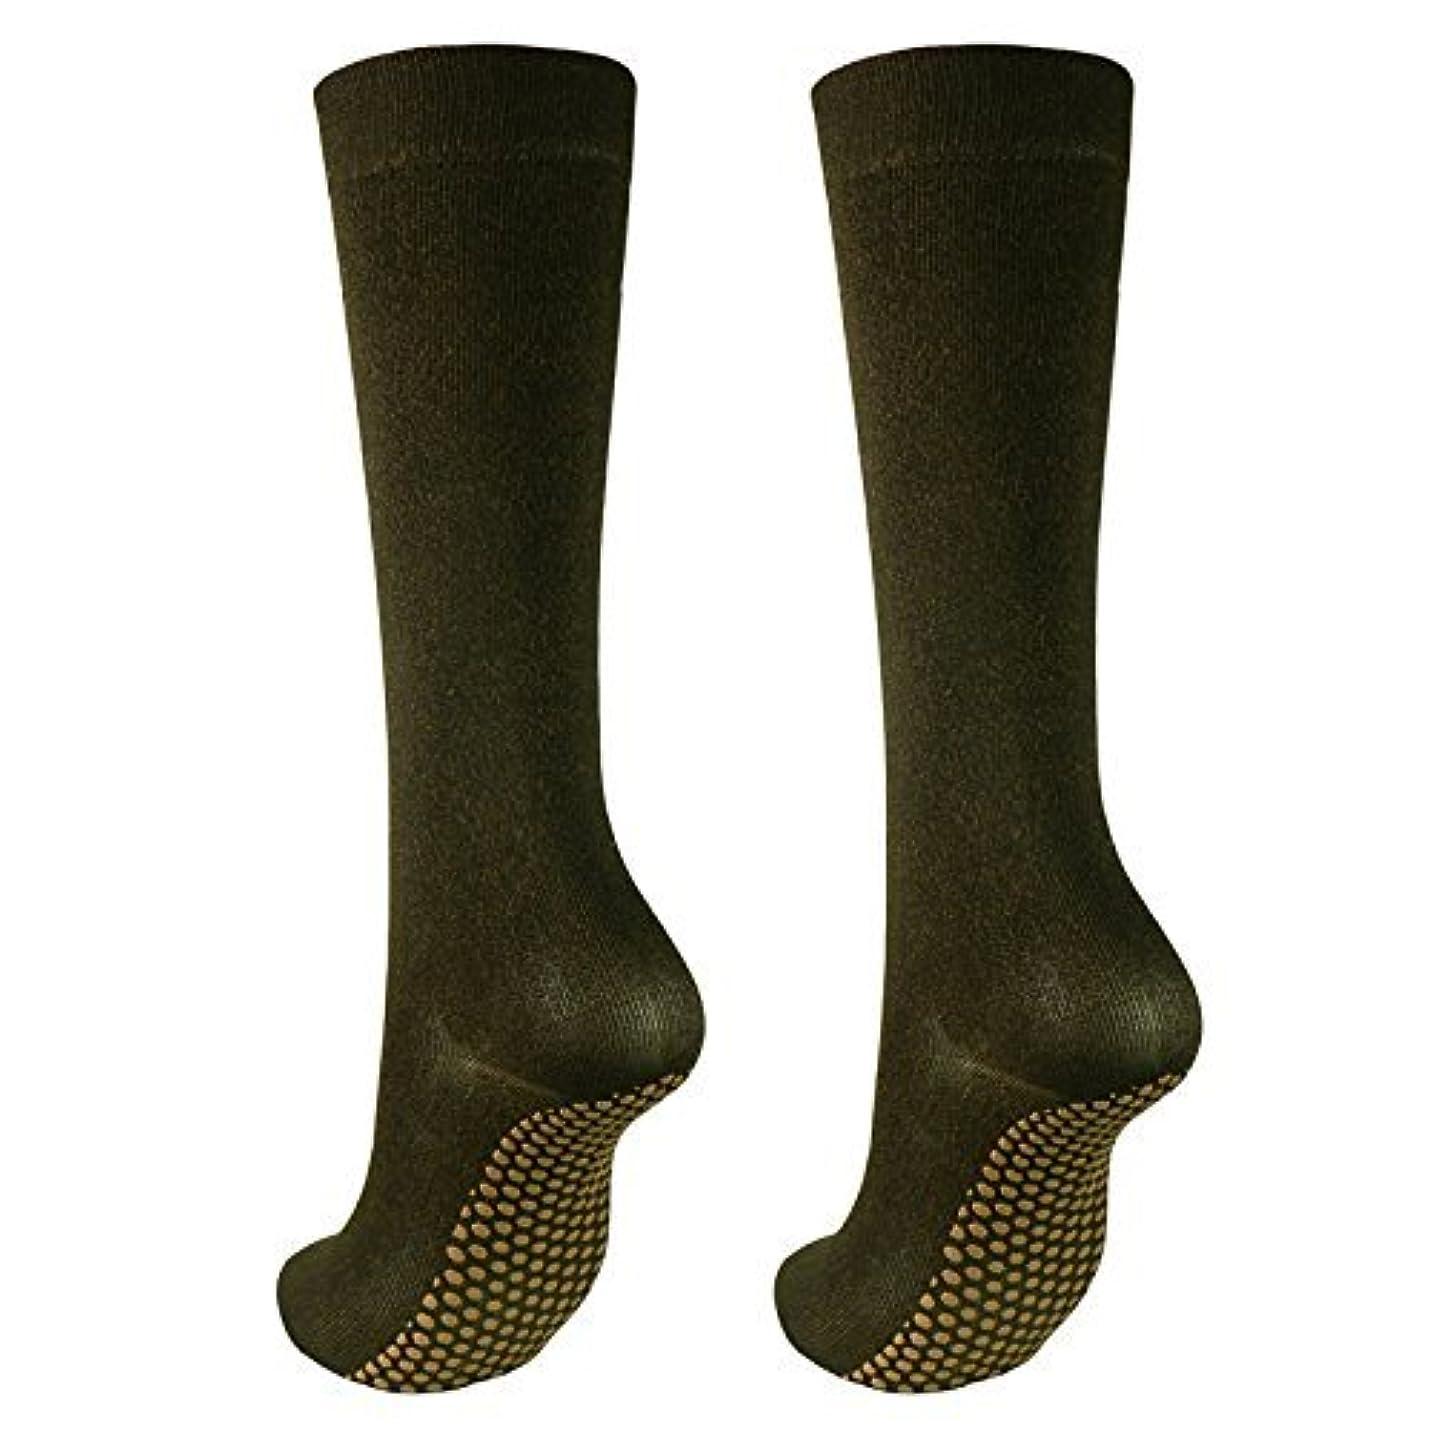 究極の大砲チューブ銅繊維靴下「足もとはいつも青春」ハイソックスタイプ2足セット?静電気対策にも